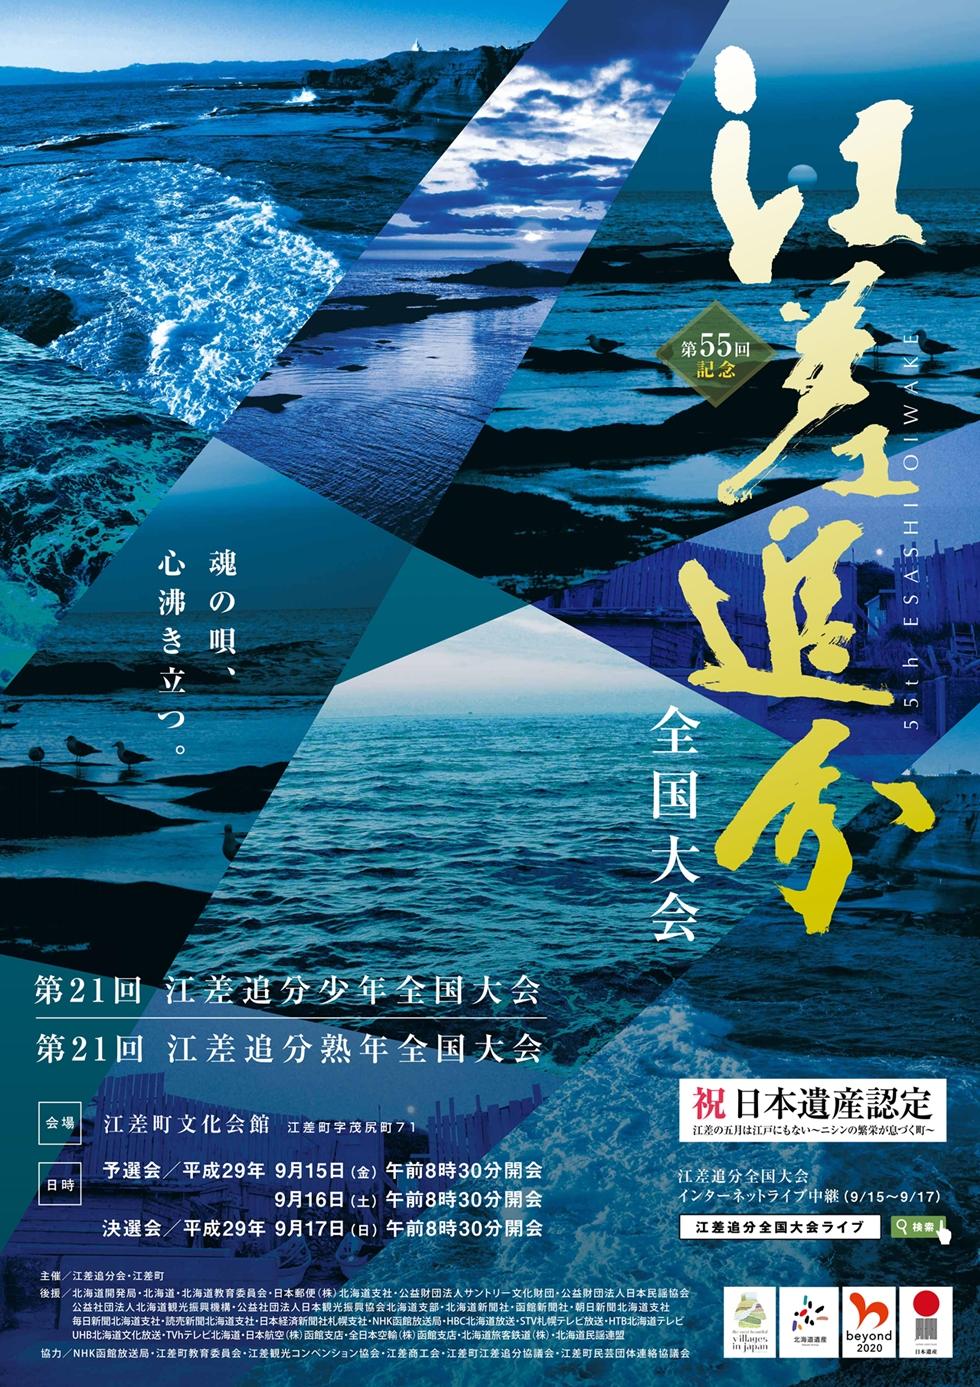 第55回江差追分全国大会(平成29年)